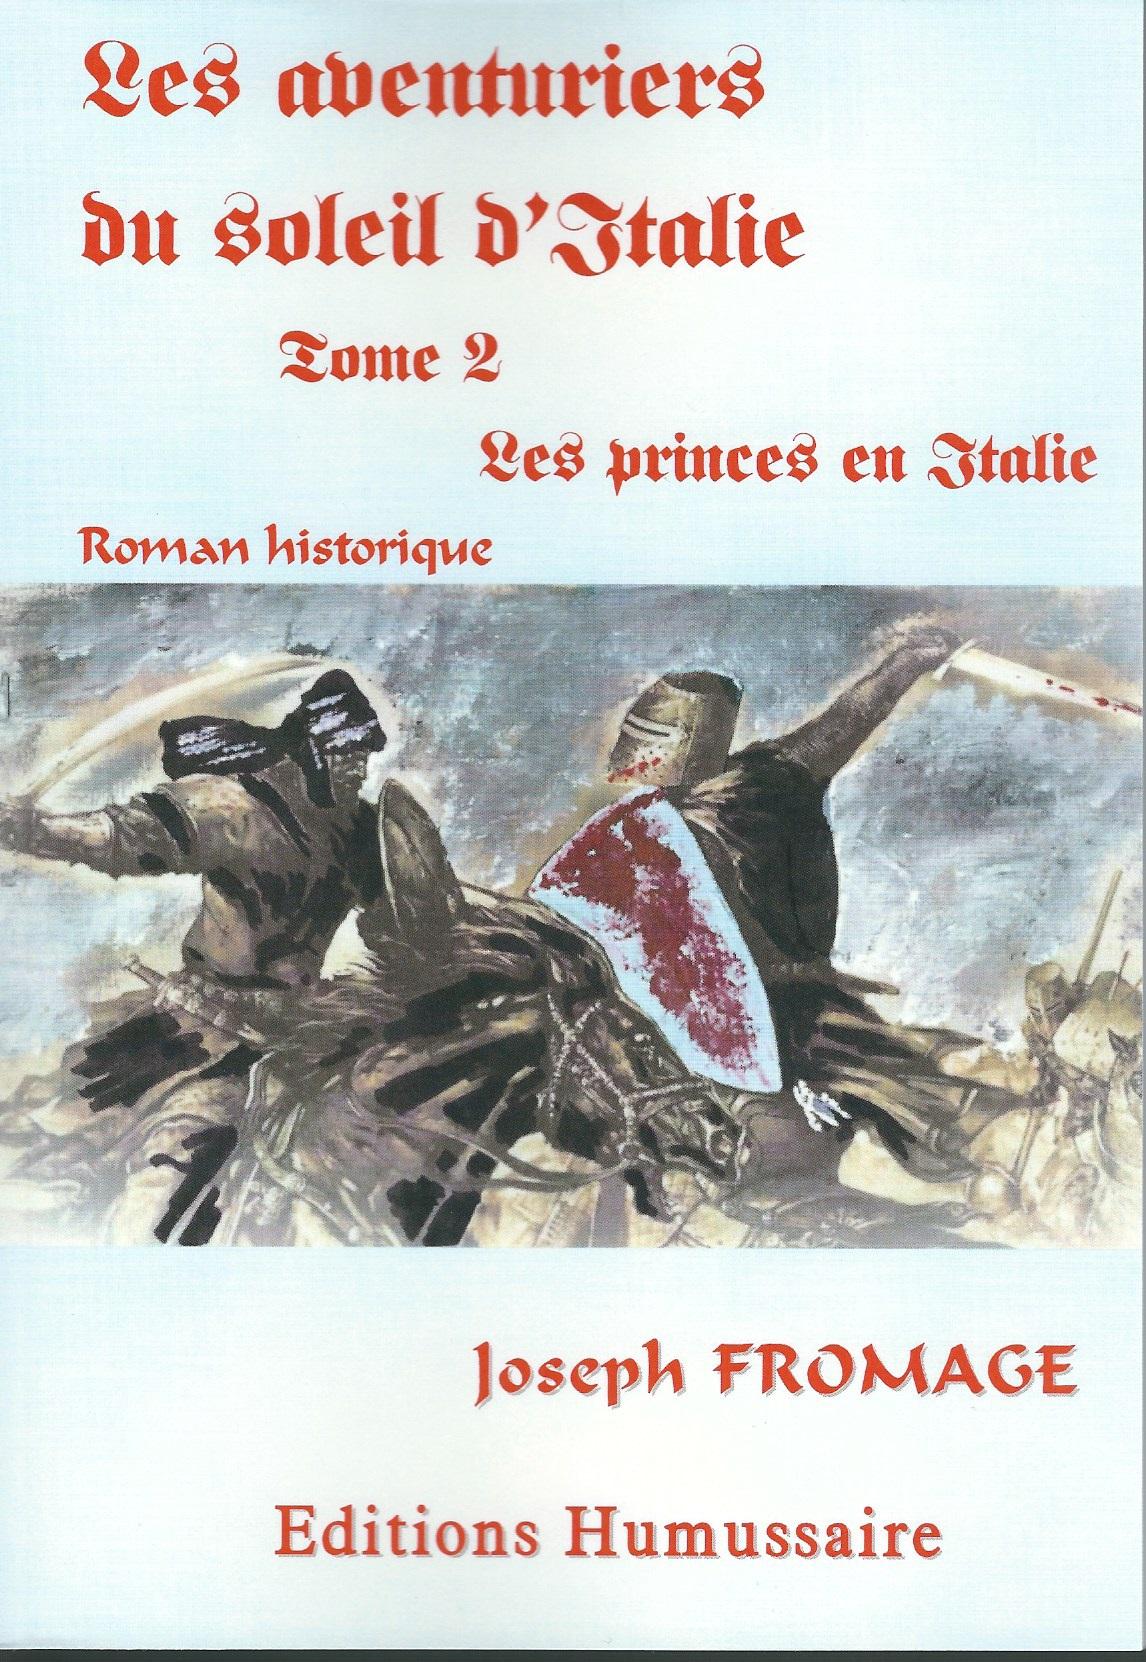 Les aventuriers du soleil d'Italie - tome 2 - Joseph FROMAGE